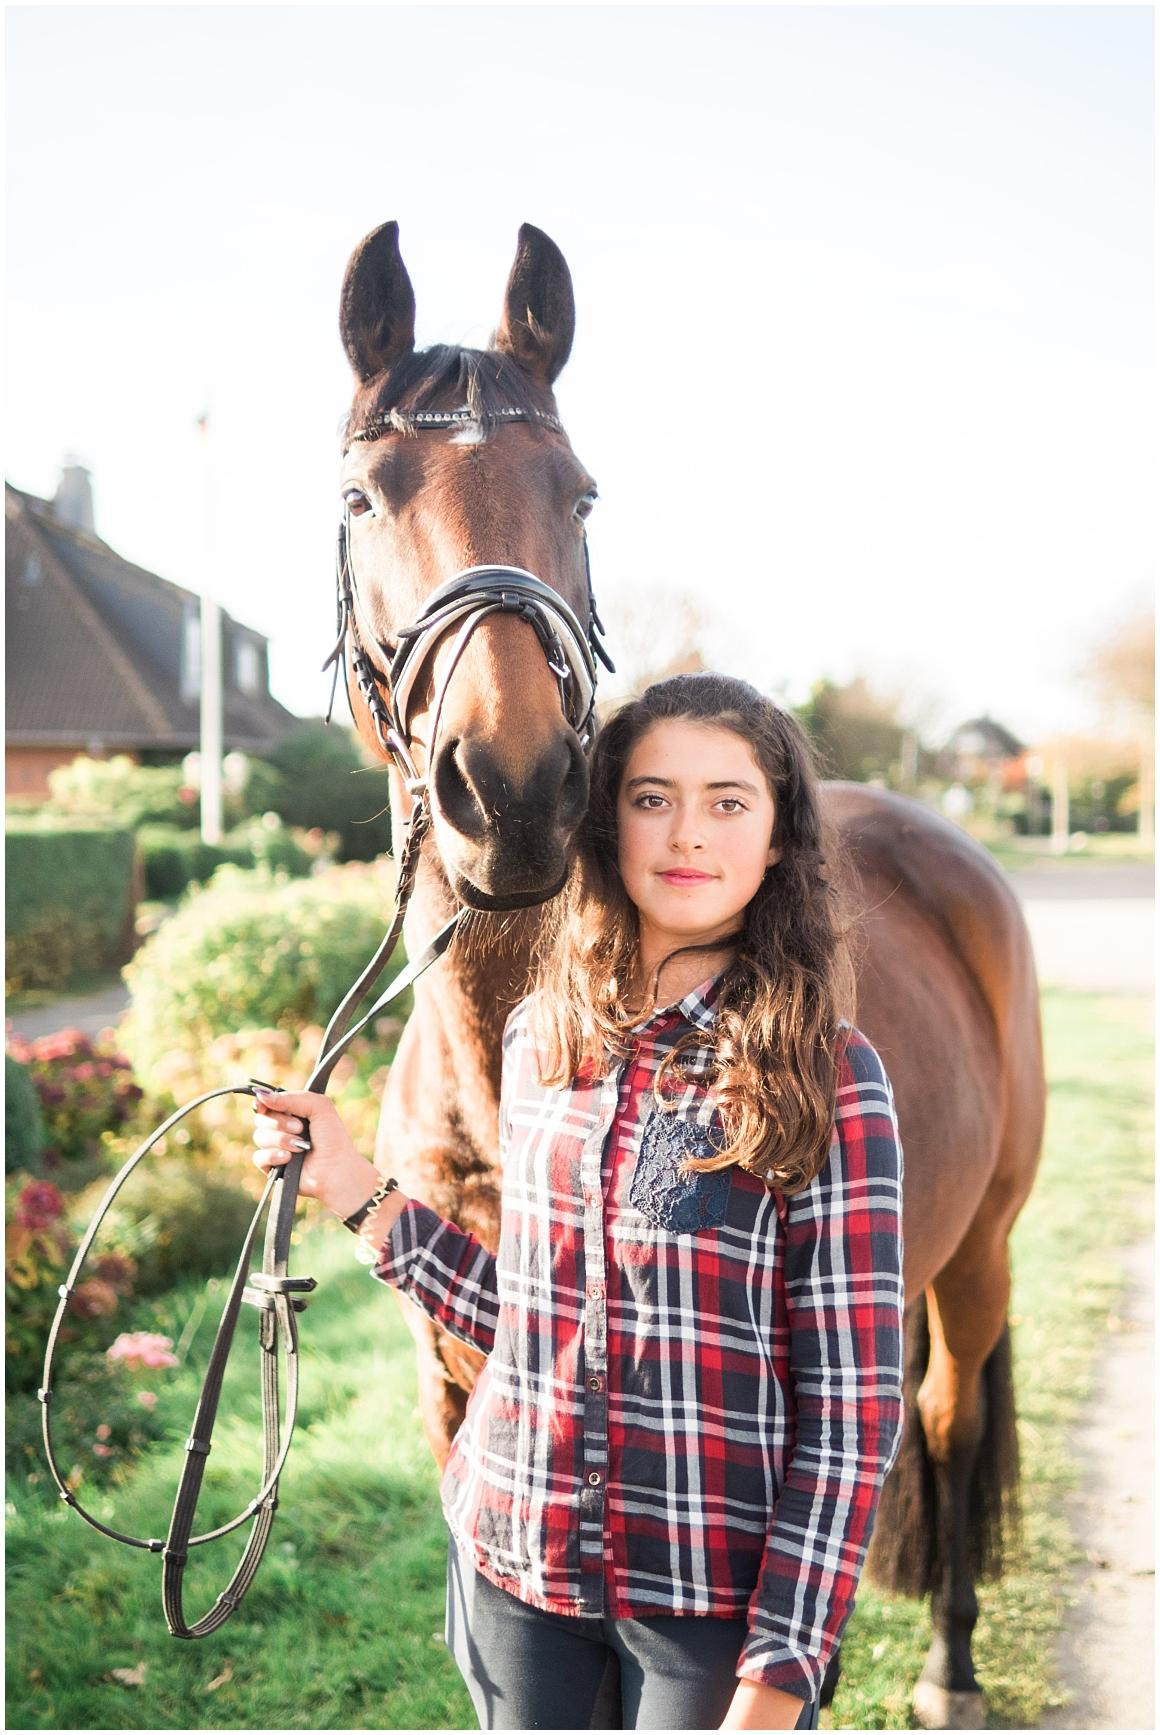 pferdefotograf-pferdeportrait-fotoshooting-mit-pferd-münchen-rosenheim-by-katrin-kind-photography_0013.jpg